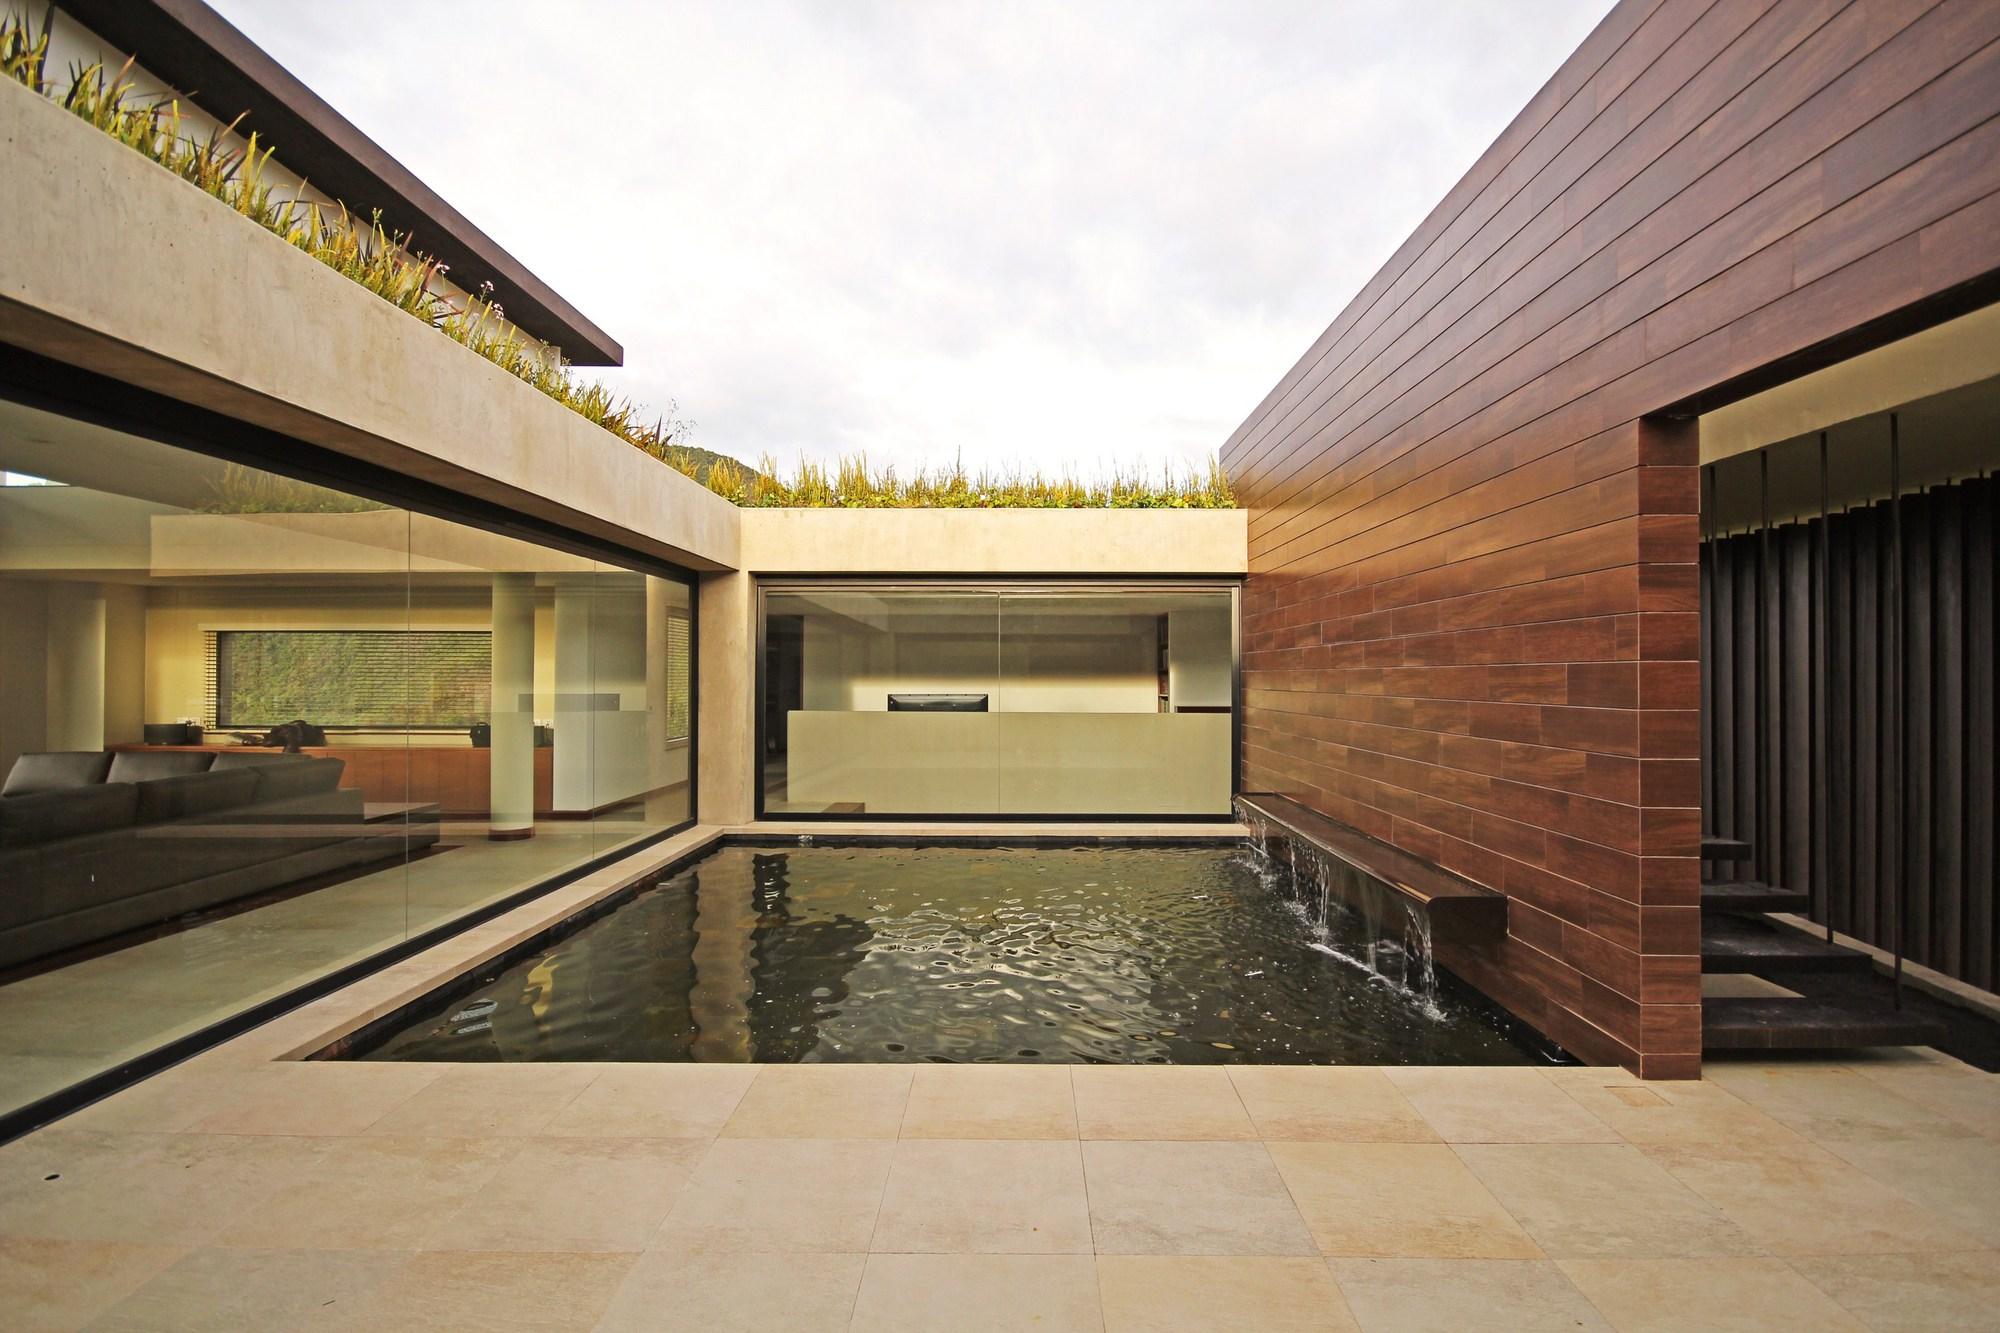 Casa ar campuzano arquitectos plataforma arquitectura - Arquitectos terrassa ...